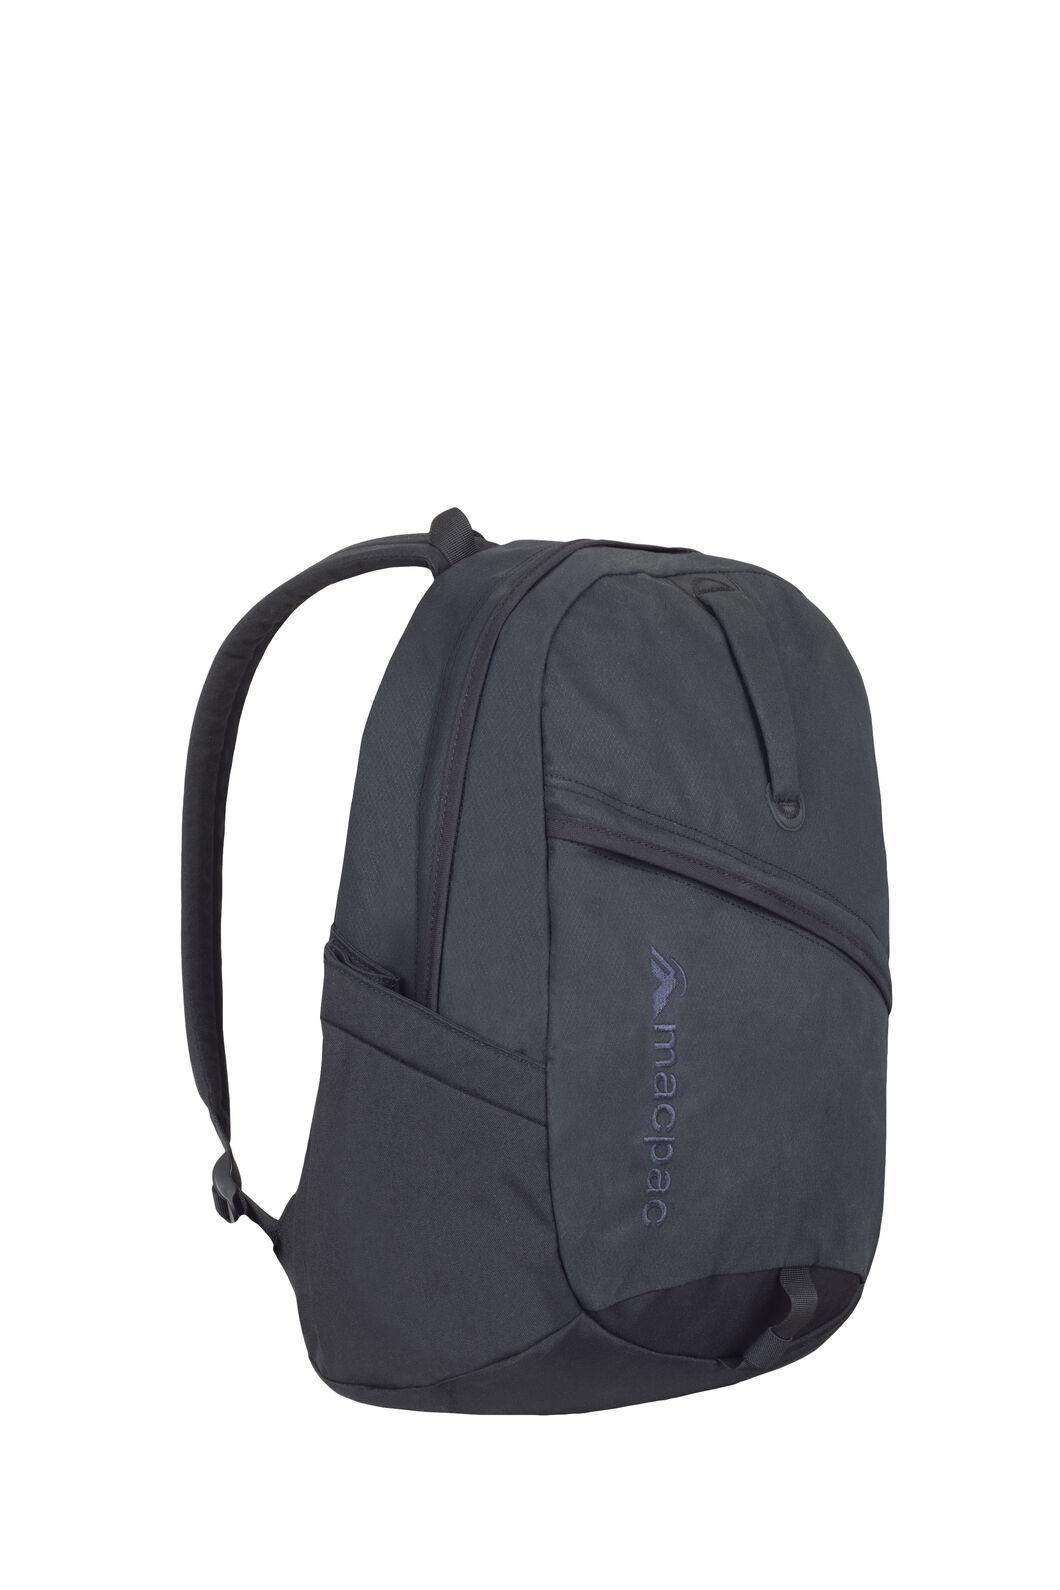 Macpac Wren 17L Pack, Black, hi-res